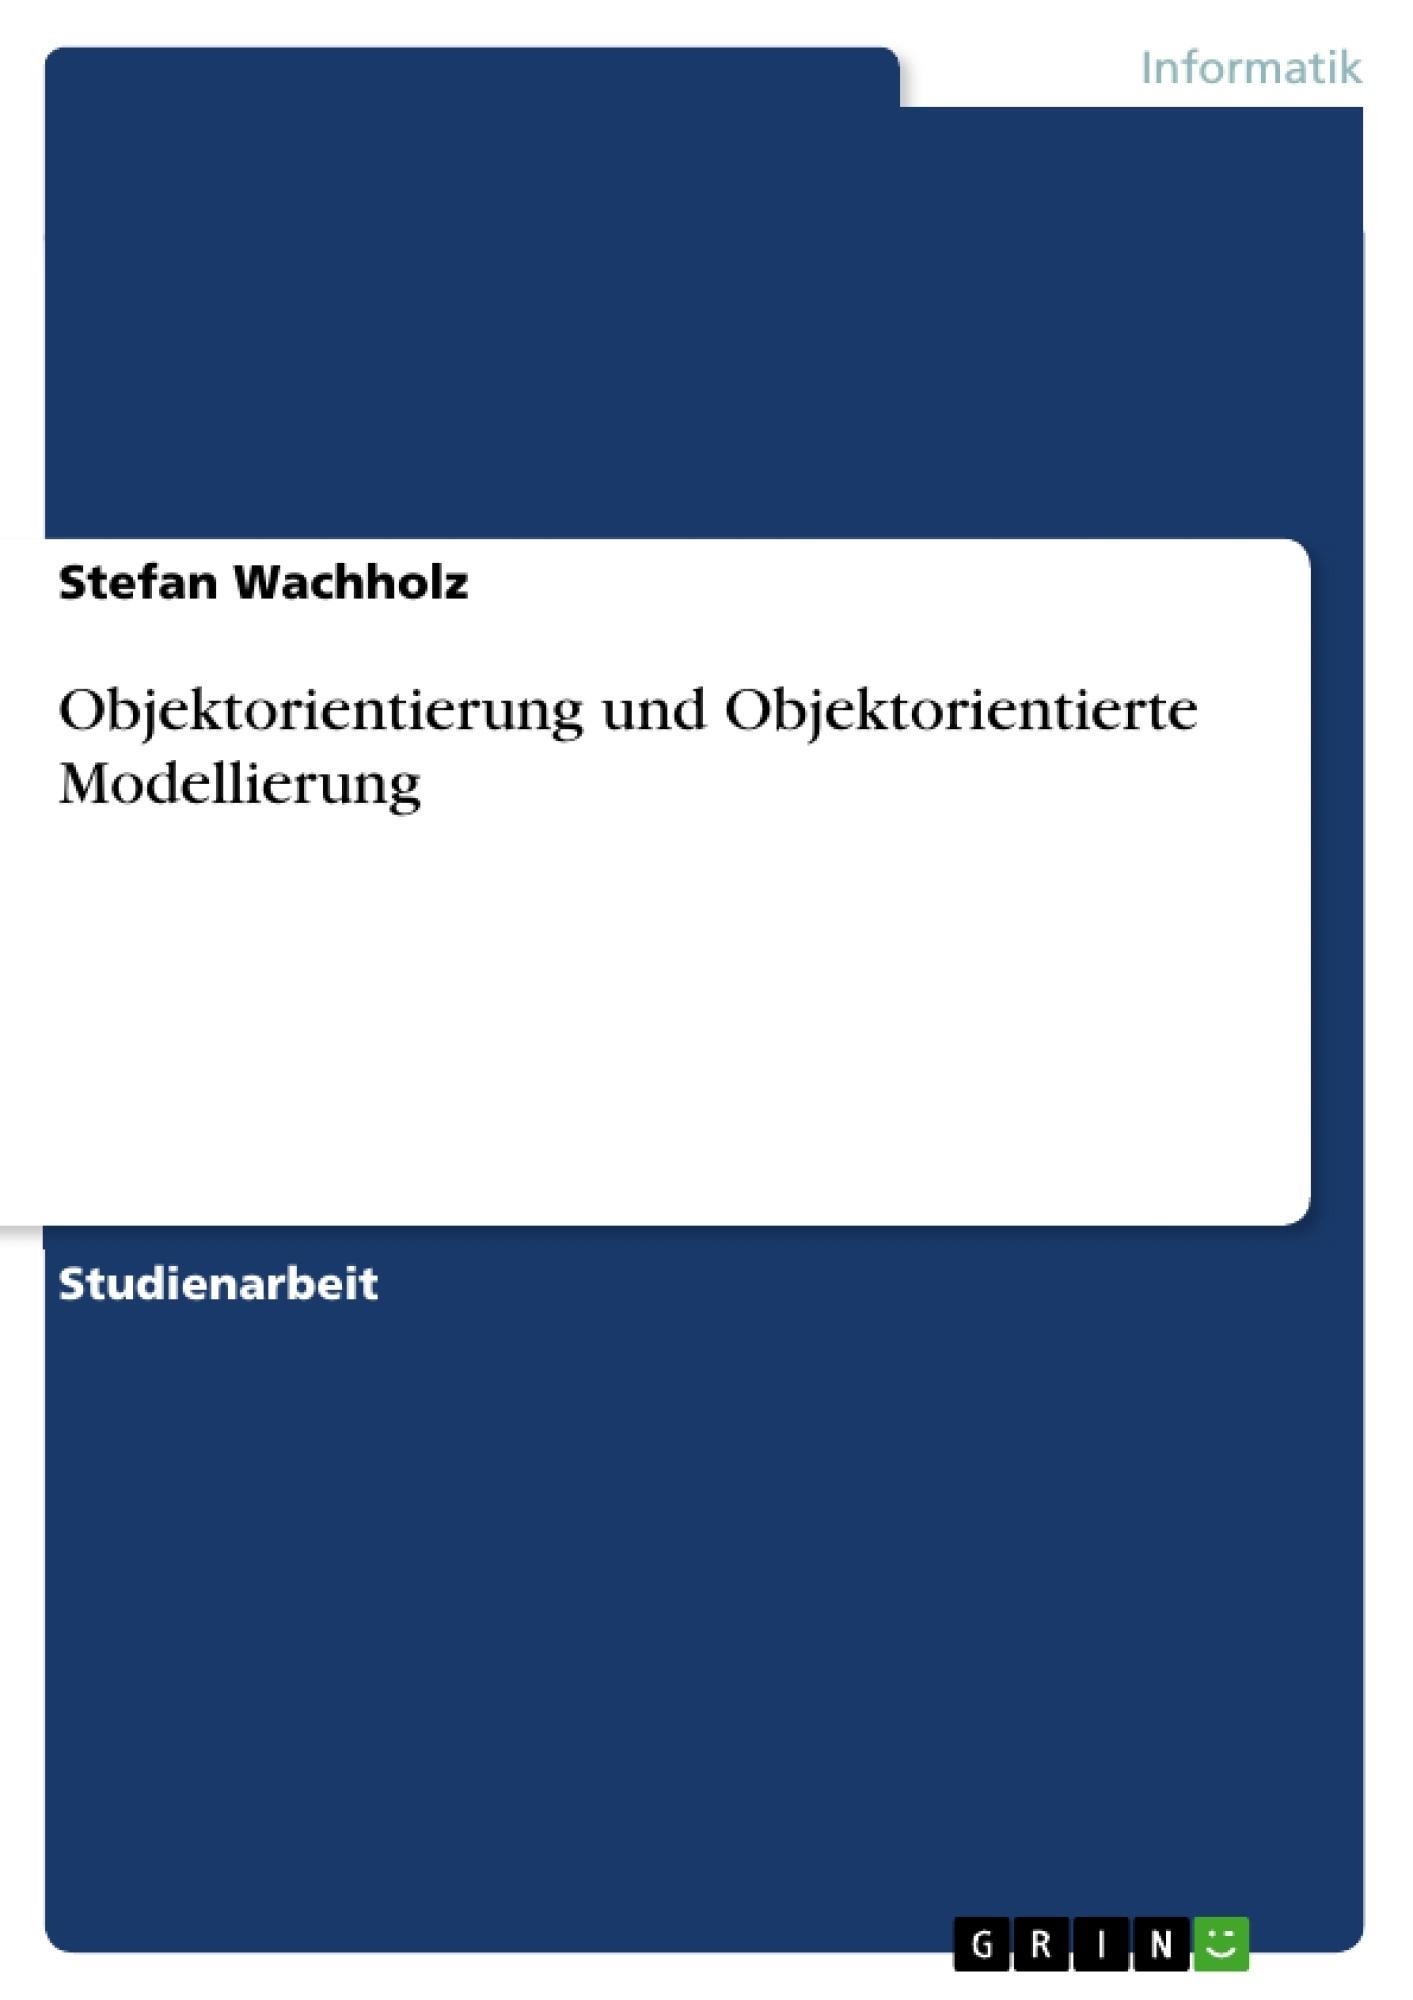 Titel: Objektorientierung und Objektorientierte Modellierung